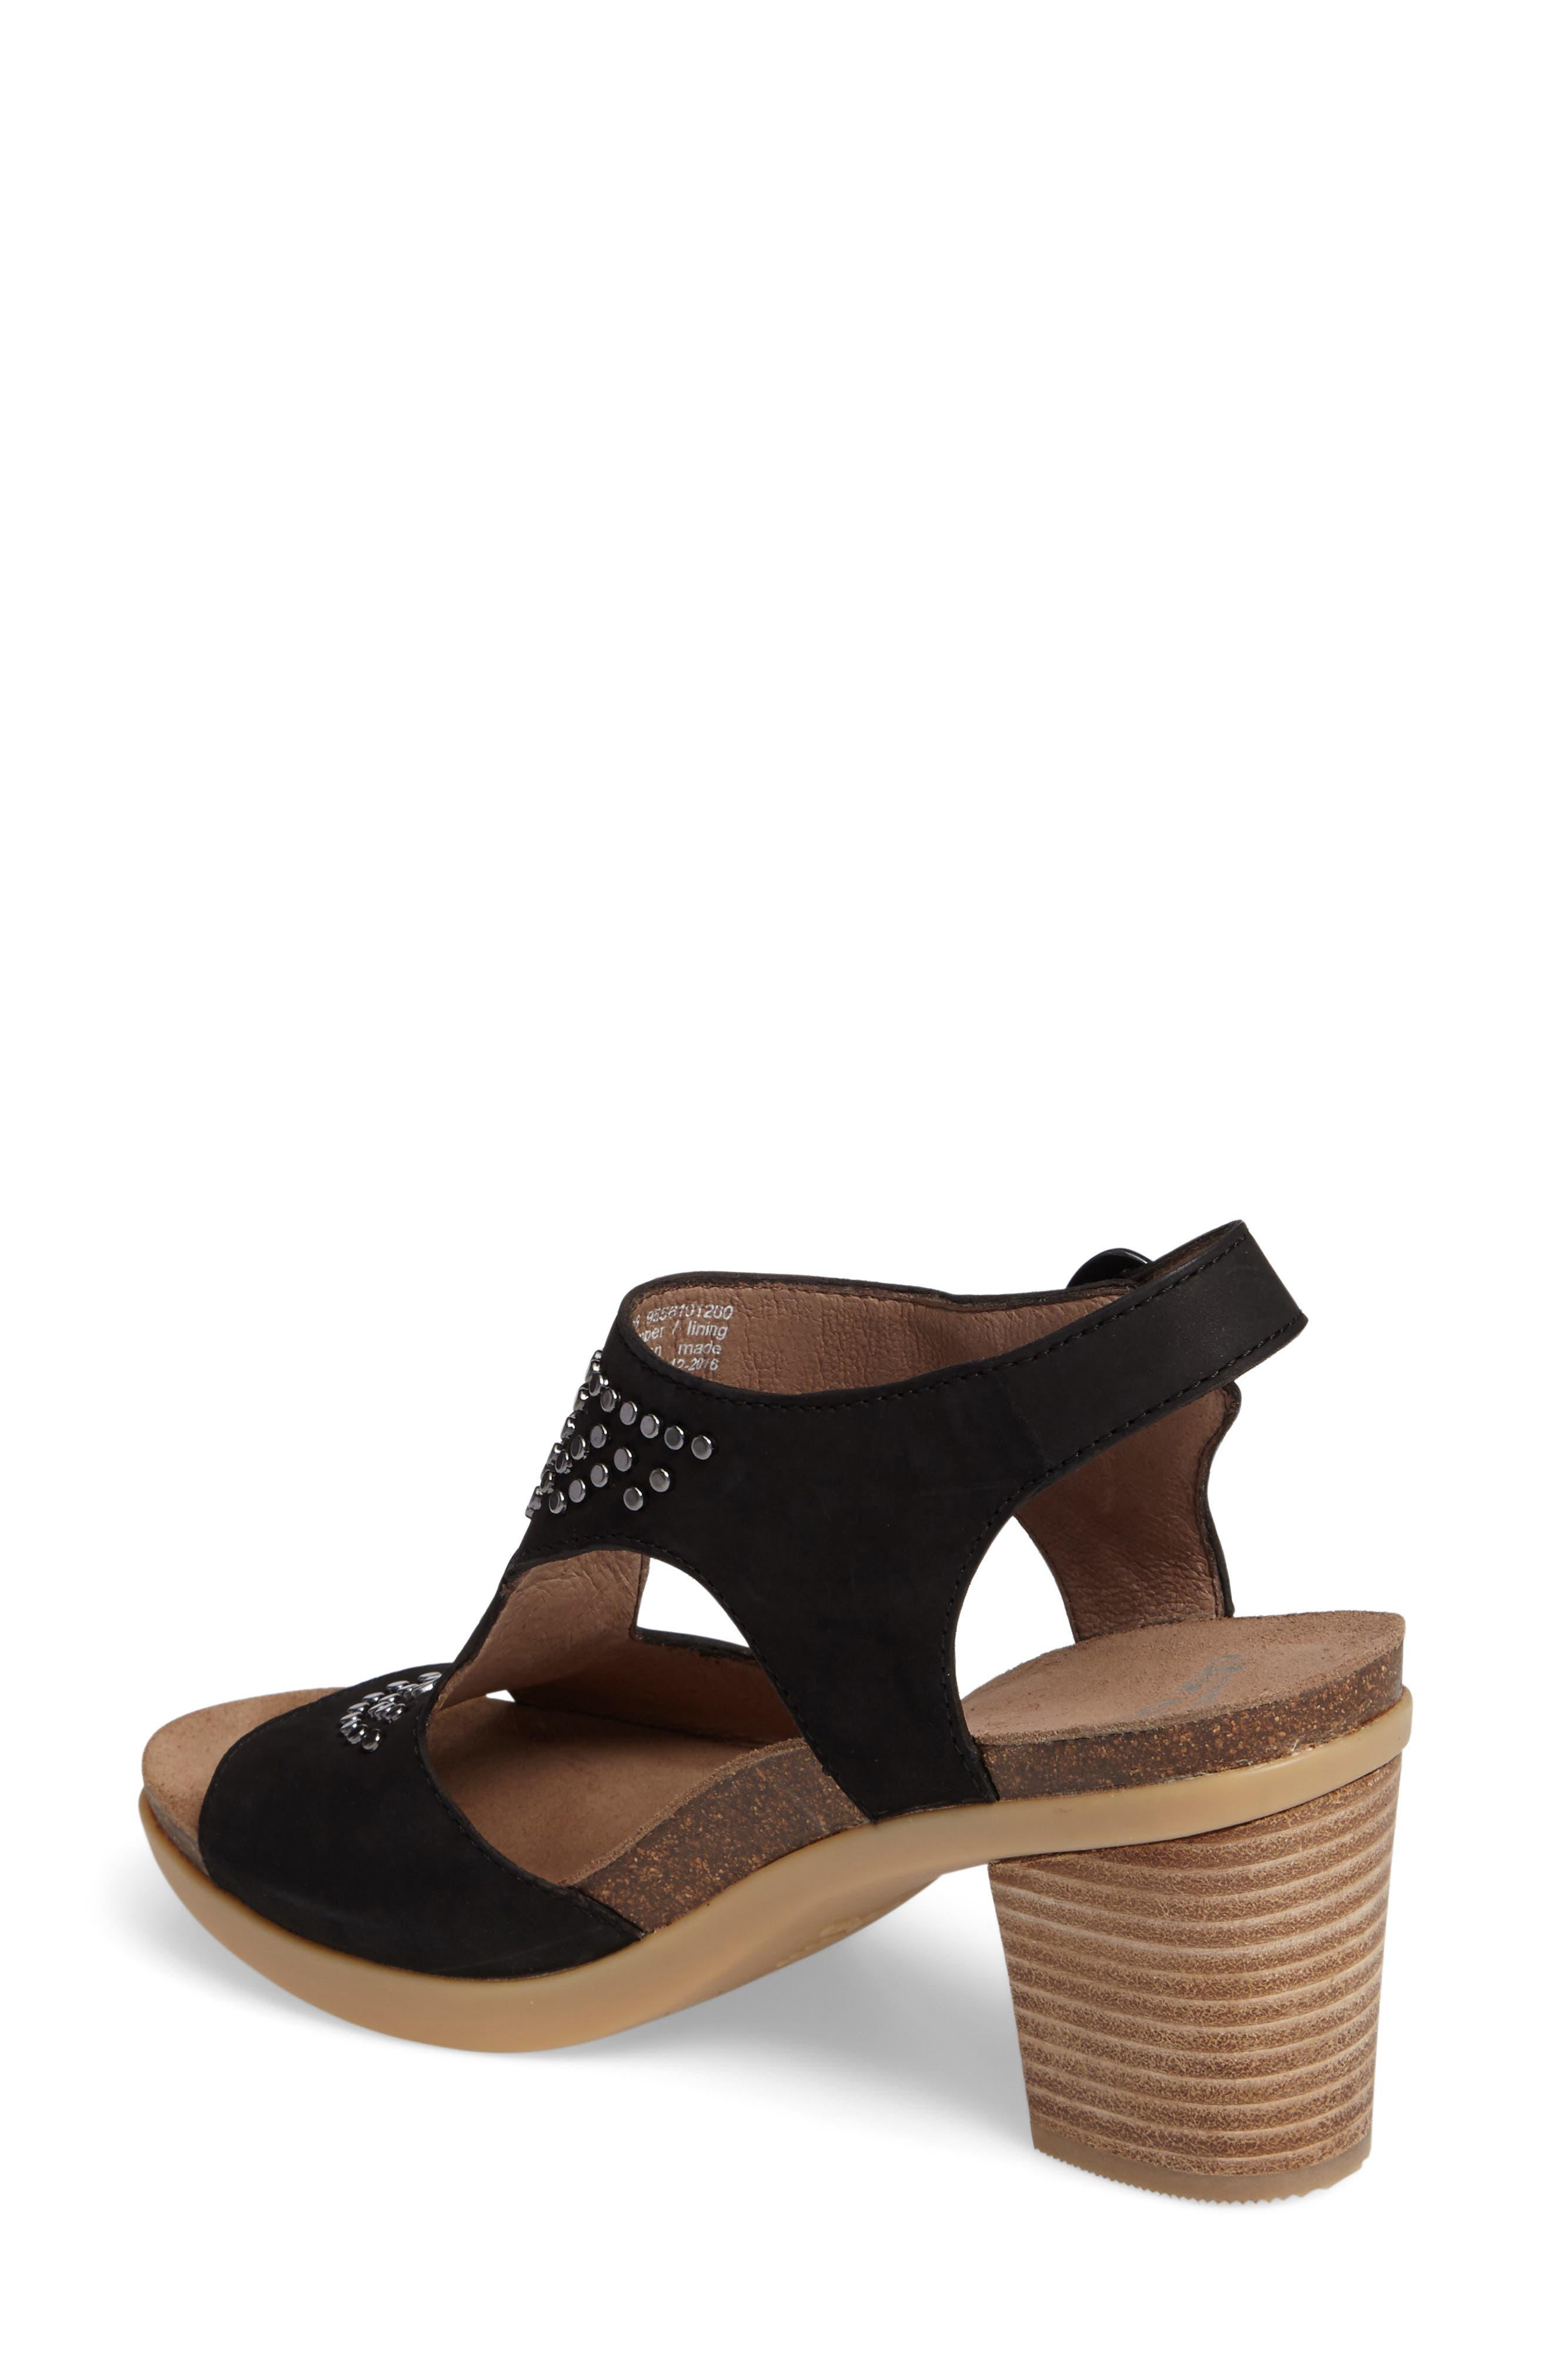 Deandra Studded Sandal,                             Alternate thumbnail 2, color,                             001